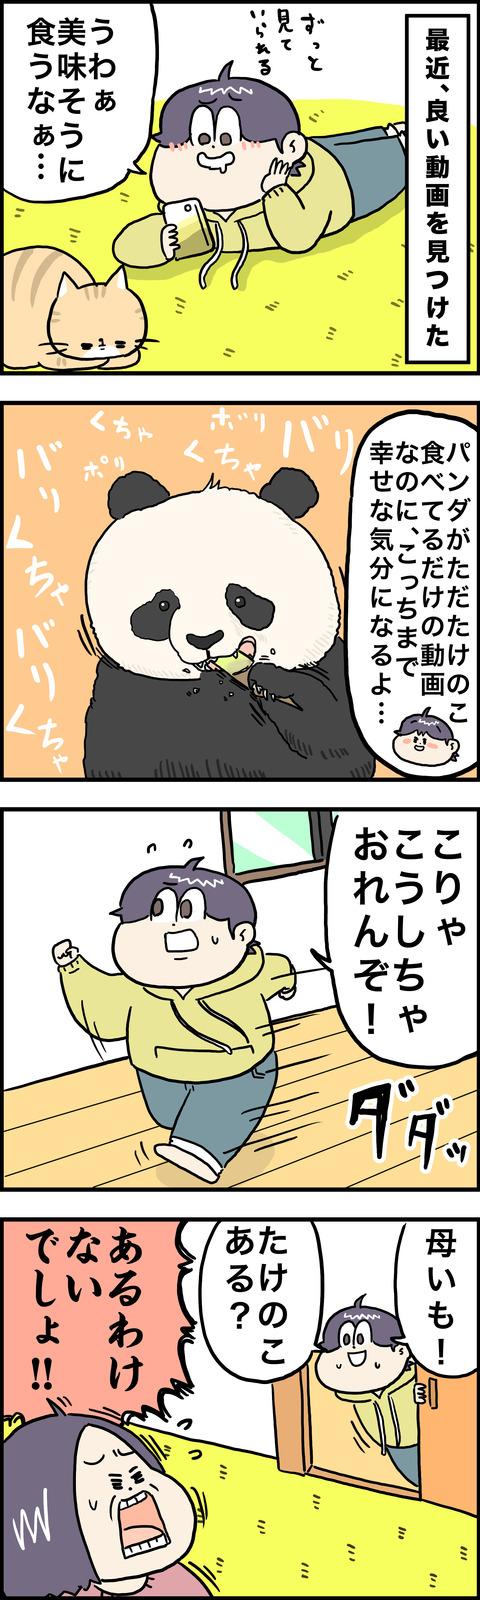 4コマ パンダ